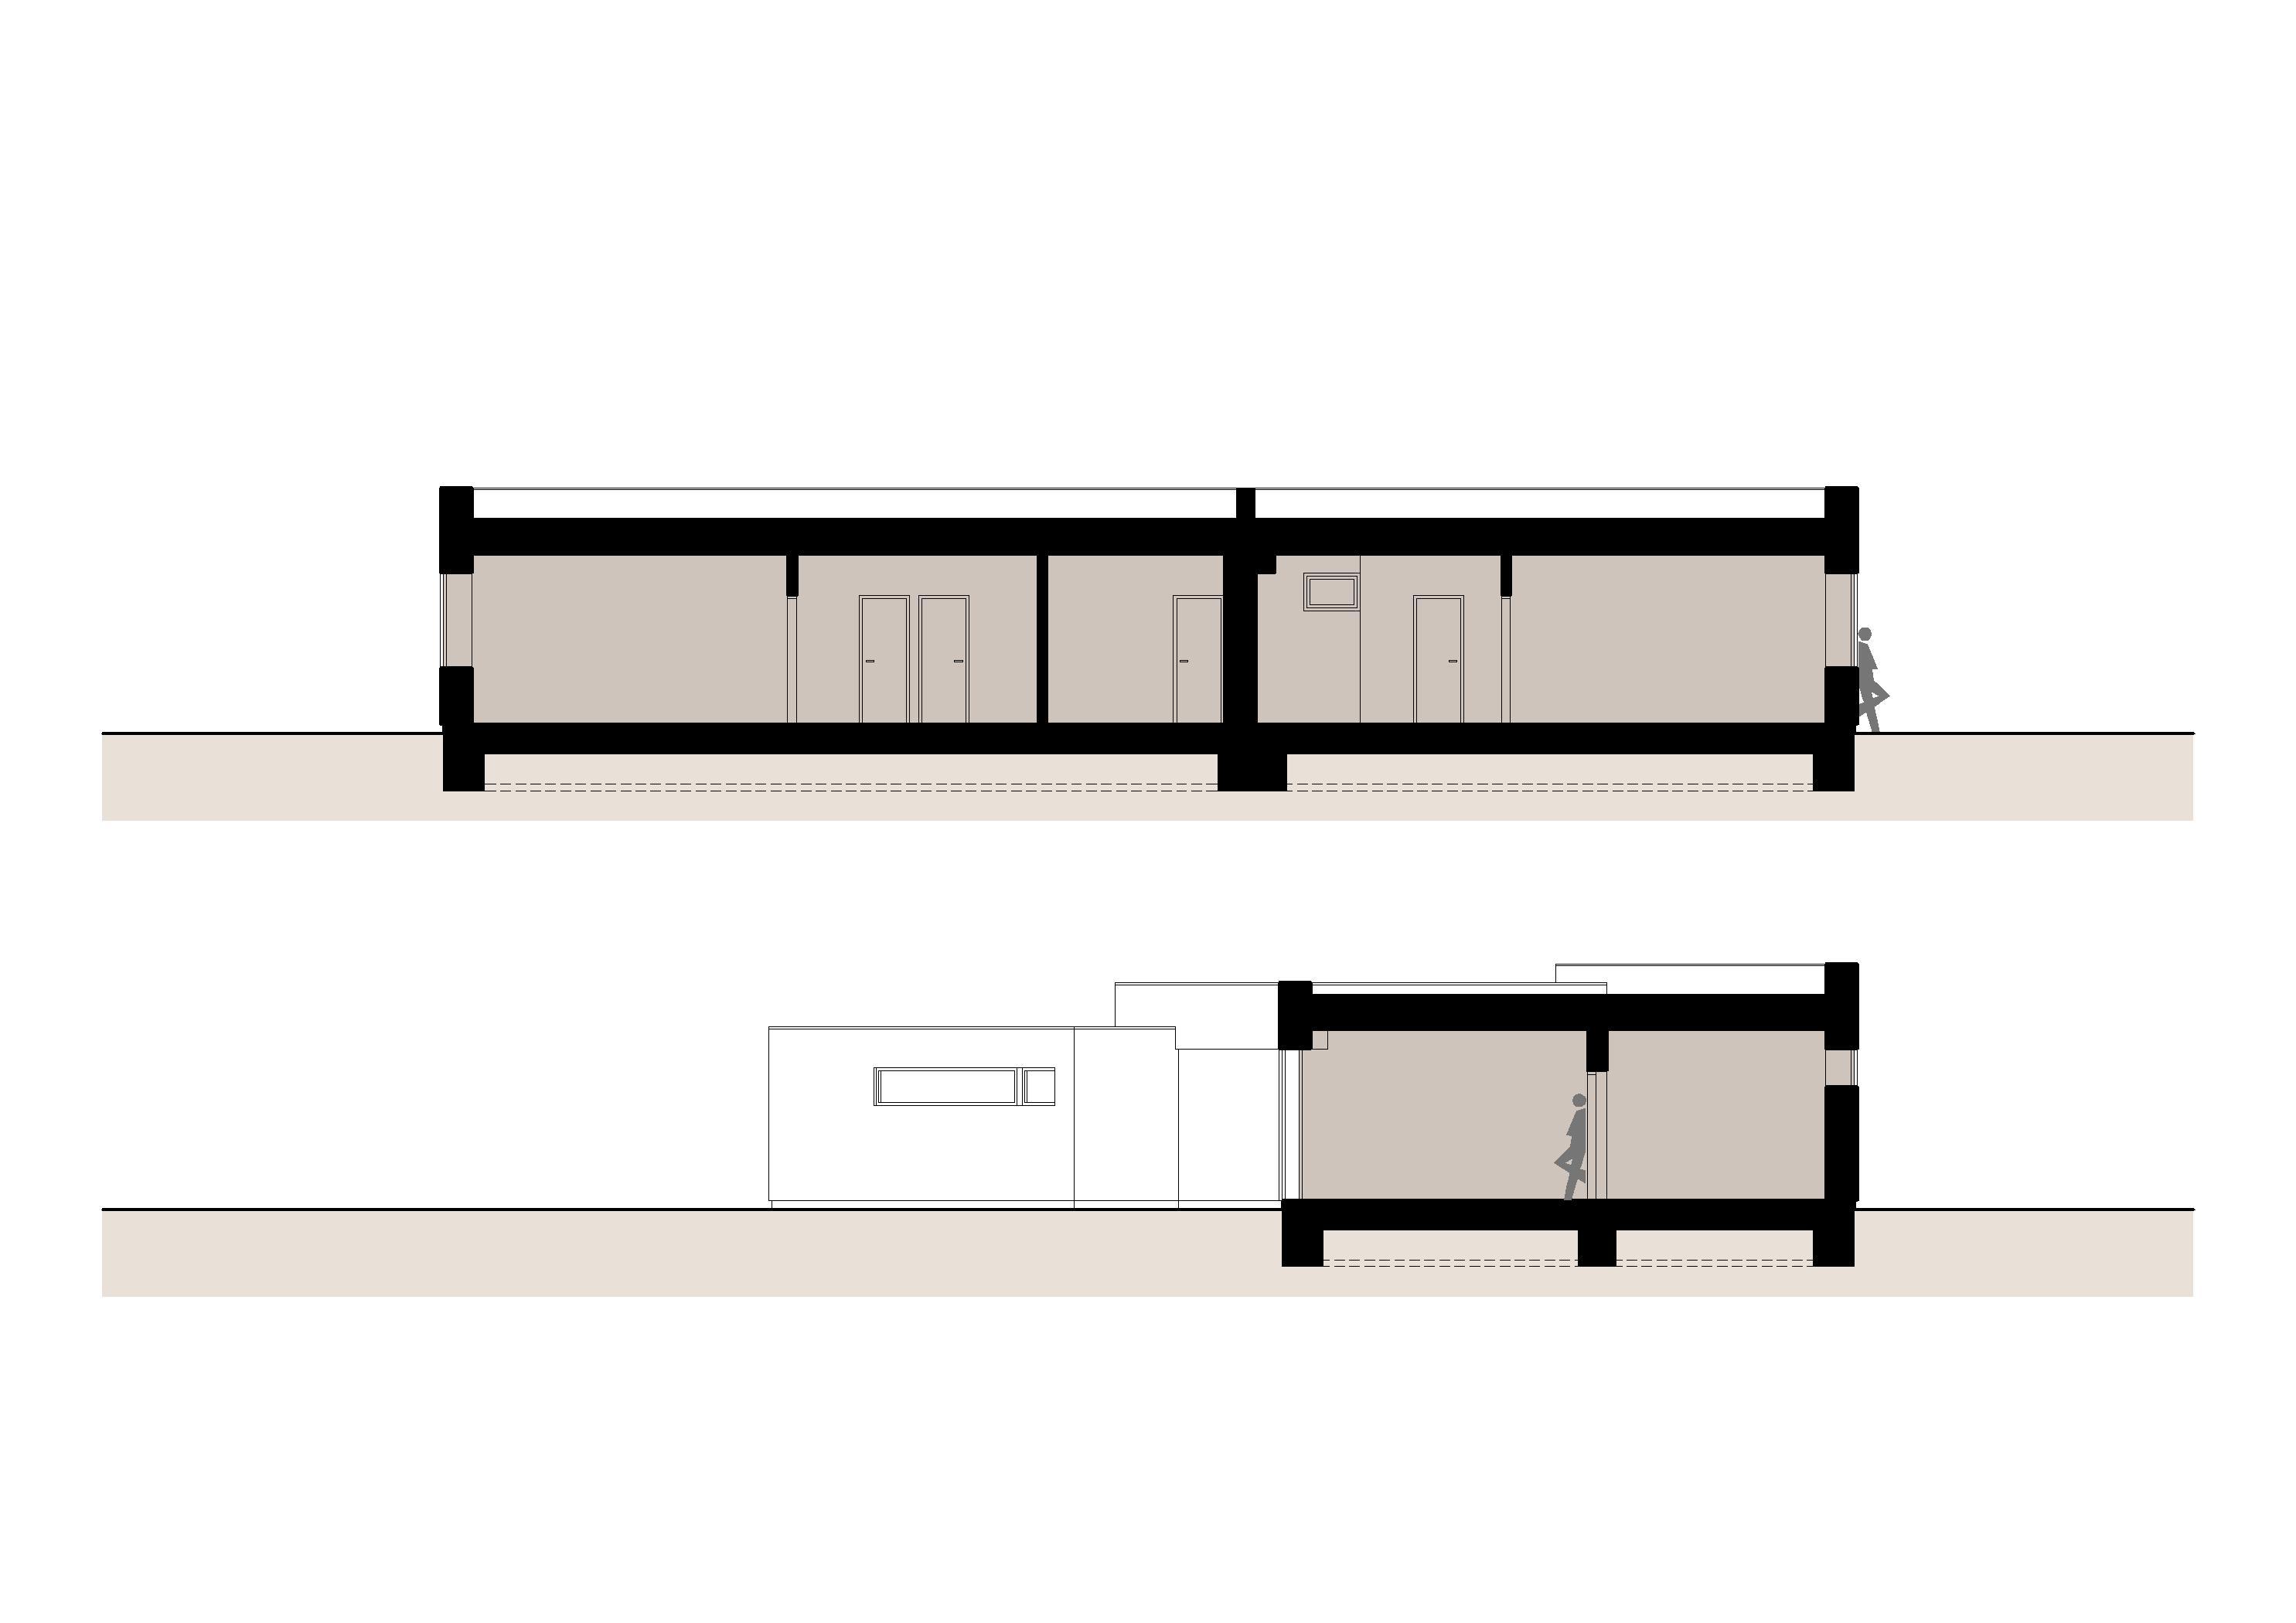 Štúdia stavby rodinného domu VI 11